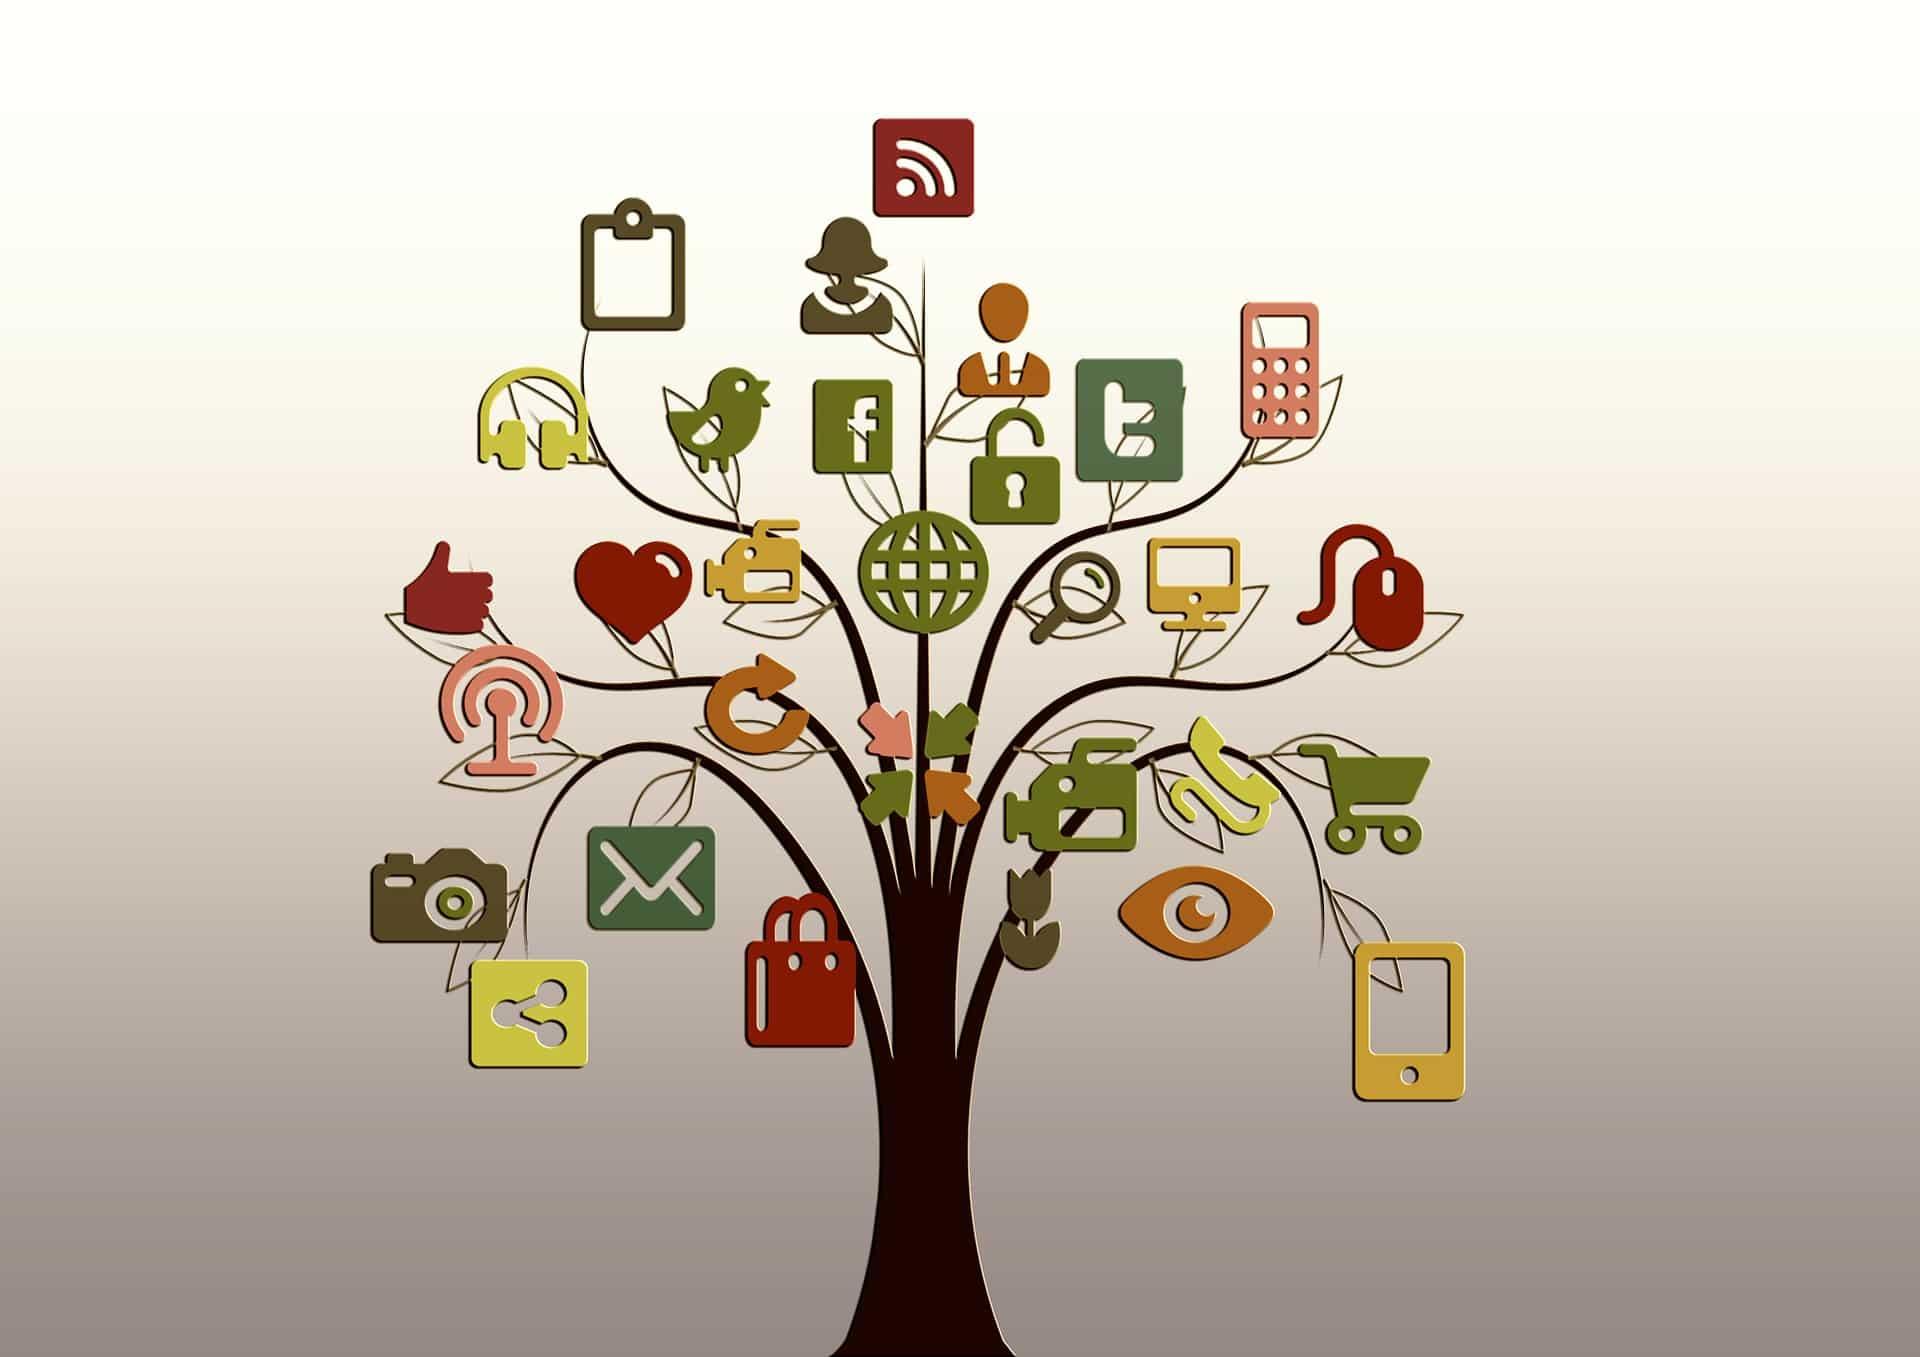 Quais as mídias digitais mais usadas pelas empresas em 2020?